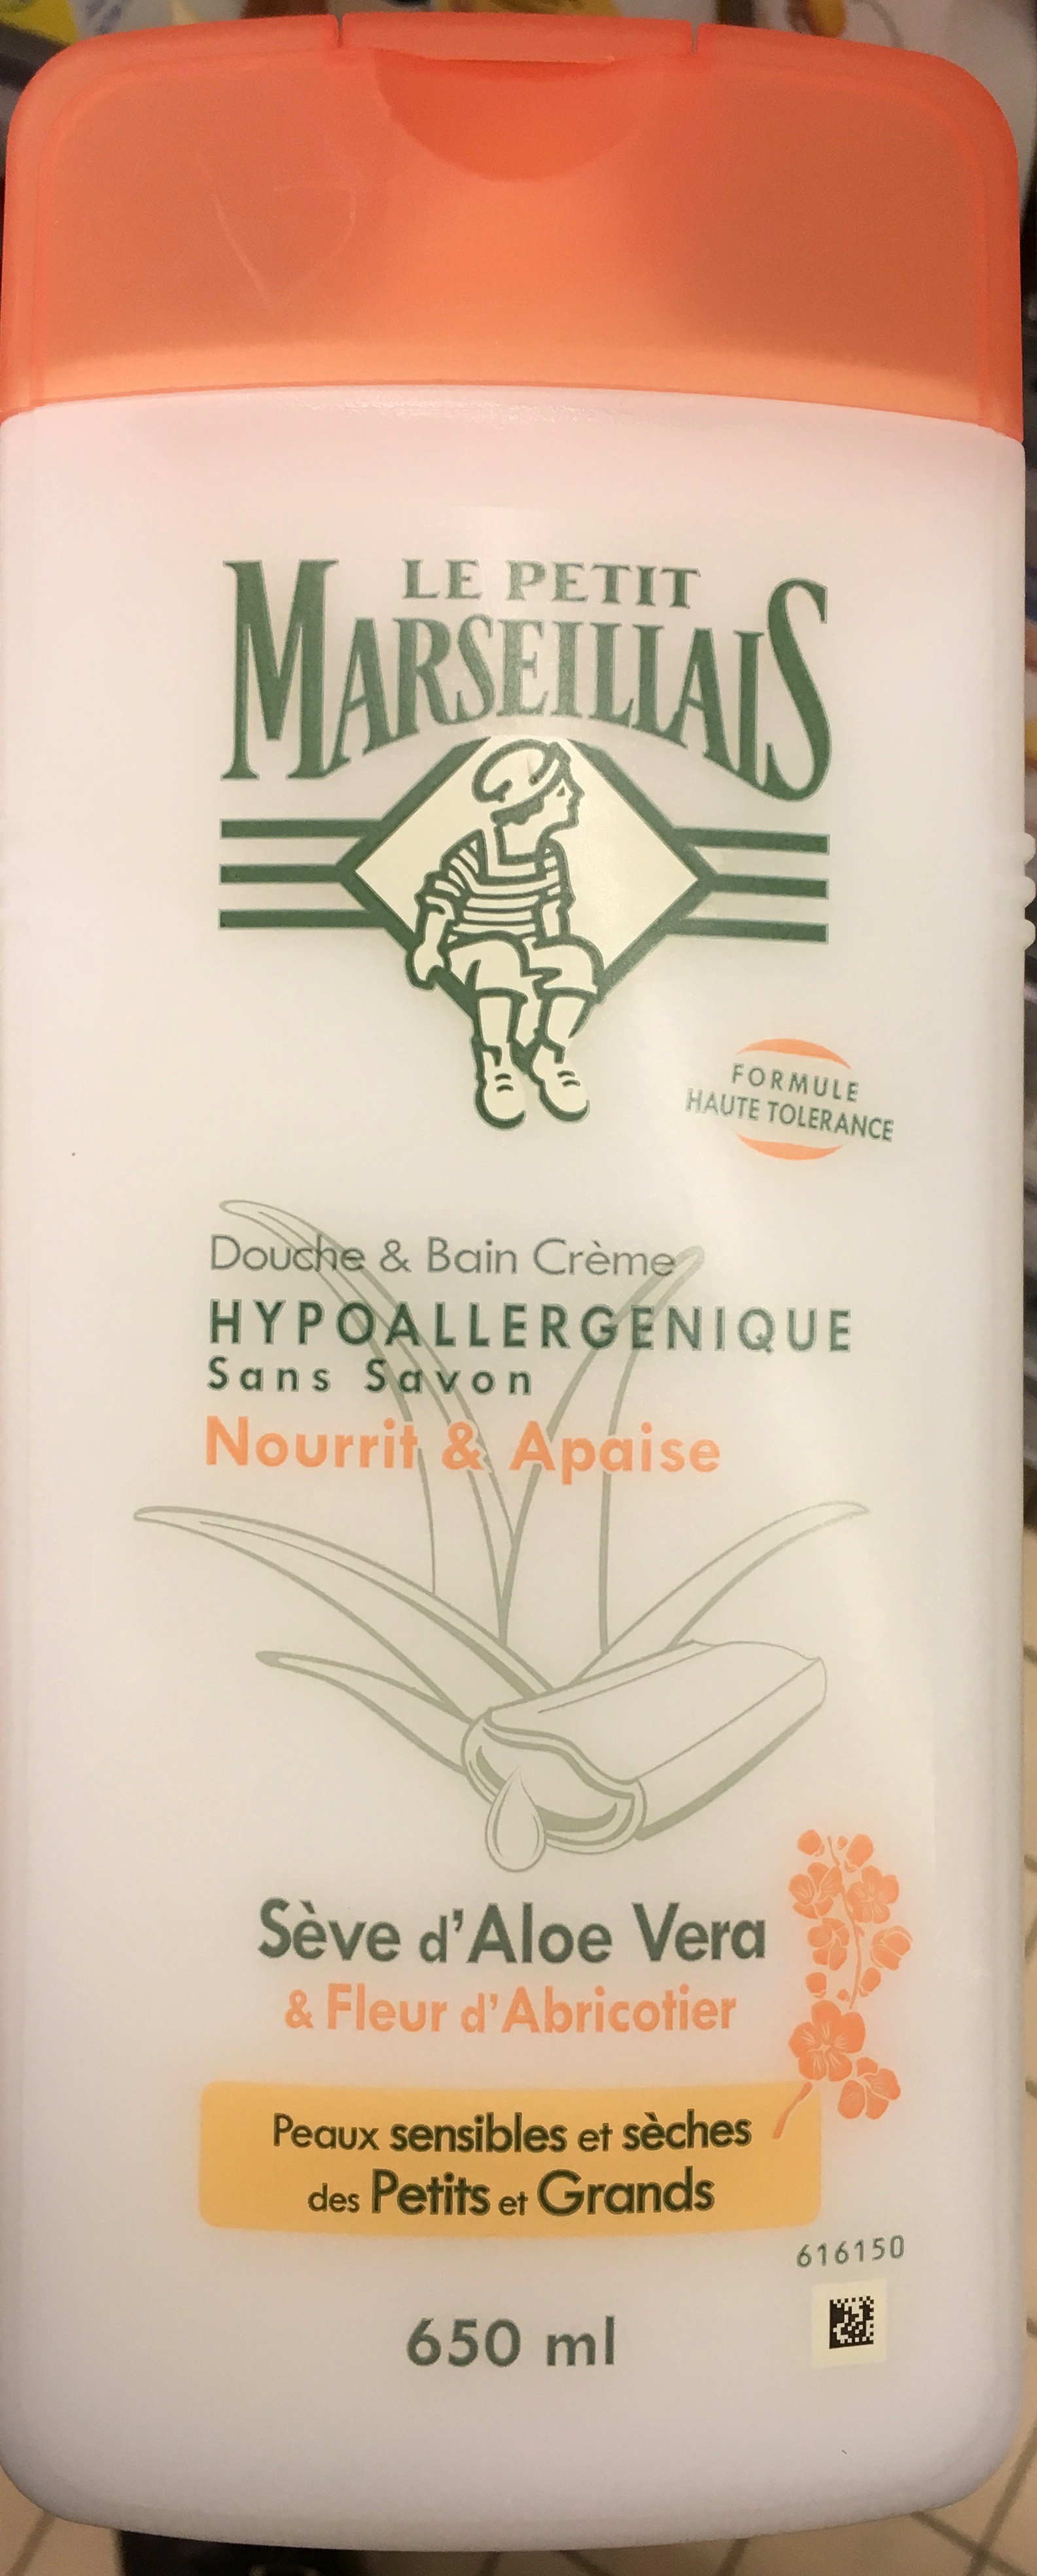 Douche & Bain crème hypoallergenique Sève d'Aloe Vera & Fleur d'Abricotier - Produit - fr